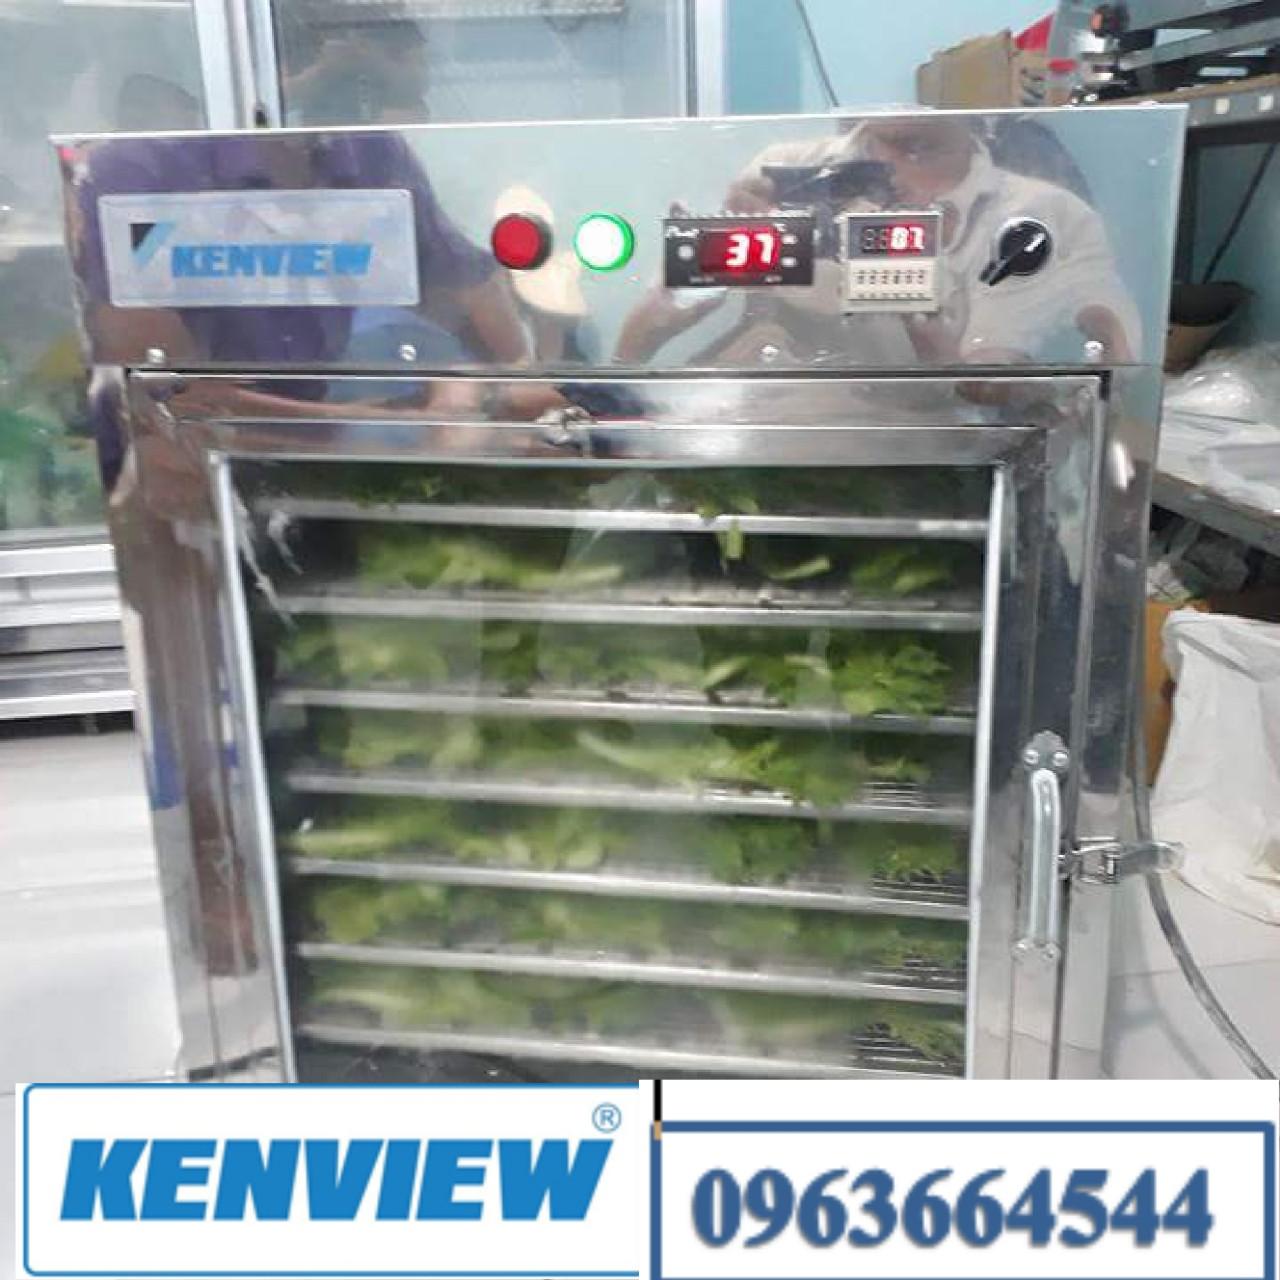 Kenview cung cấp máy sấy thực phẩm ở Quận 12